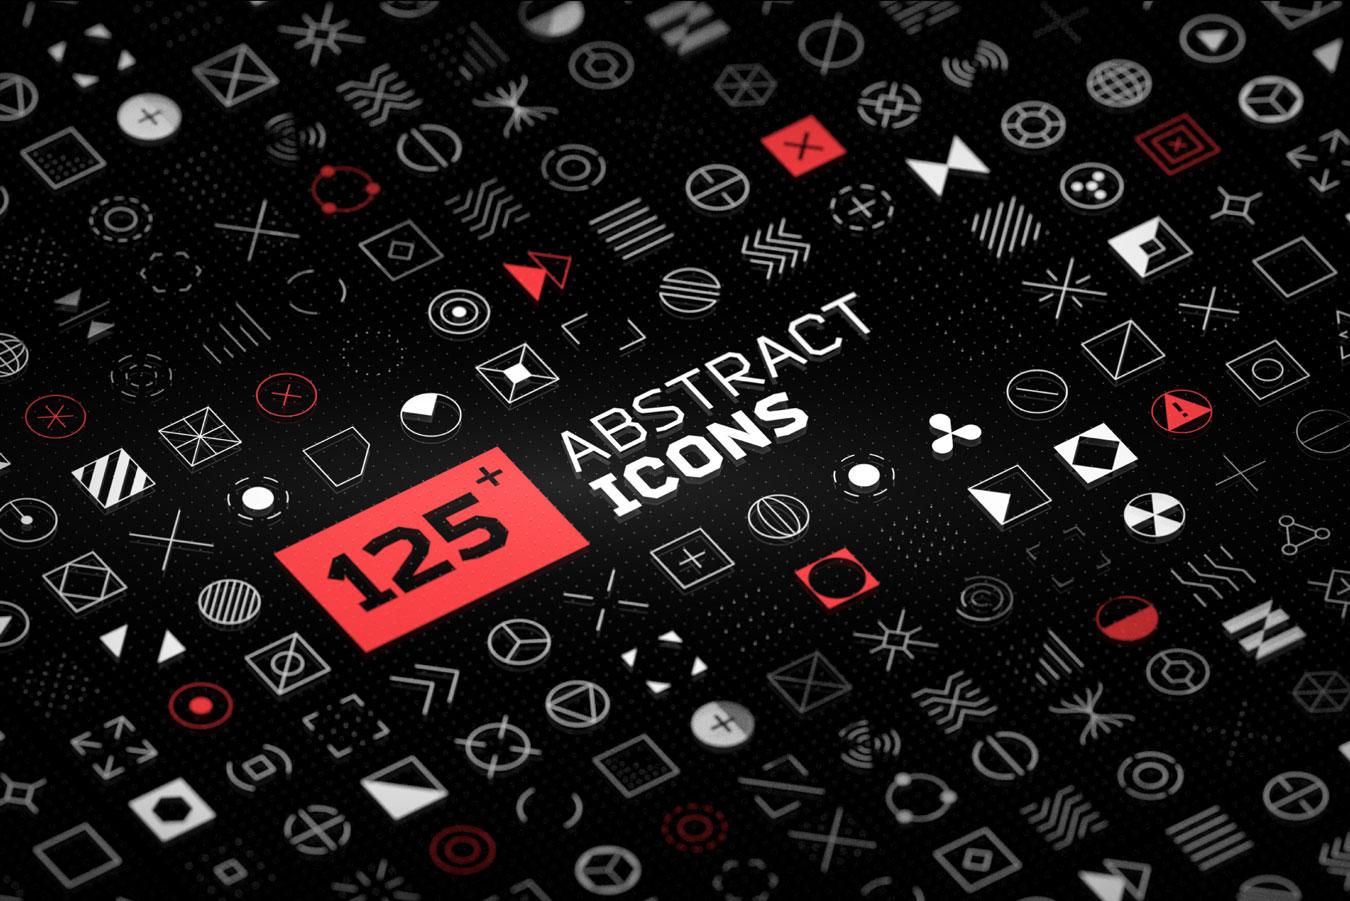 超炫酷科幻航空航天数据信息HUD仪表盘UI设计模板套件 Futuristic UI Kit • 200+ Design Elements插图(10)